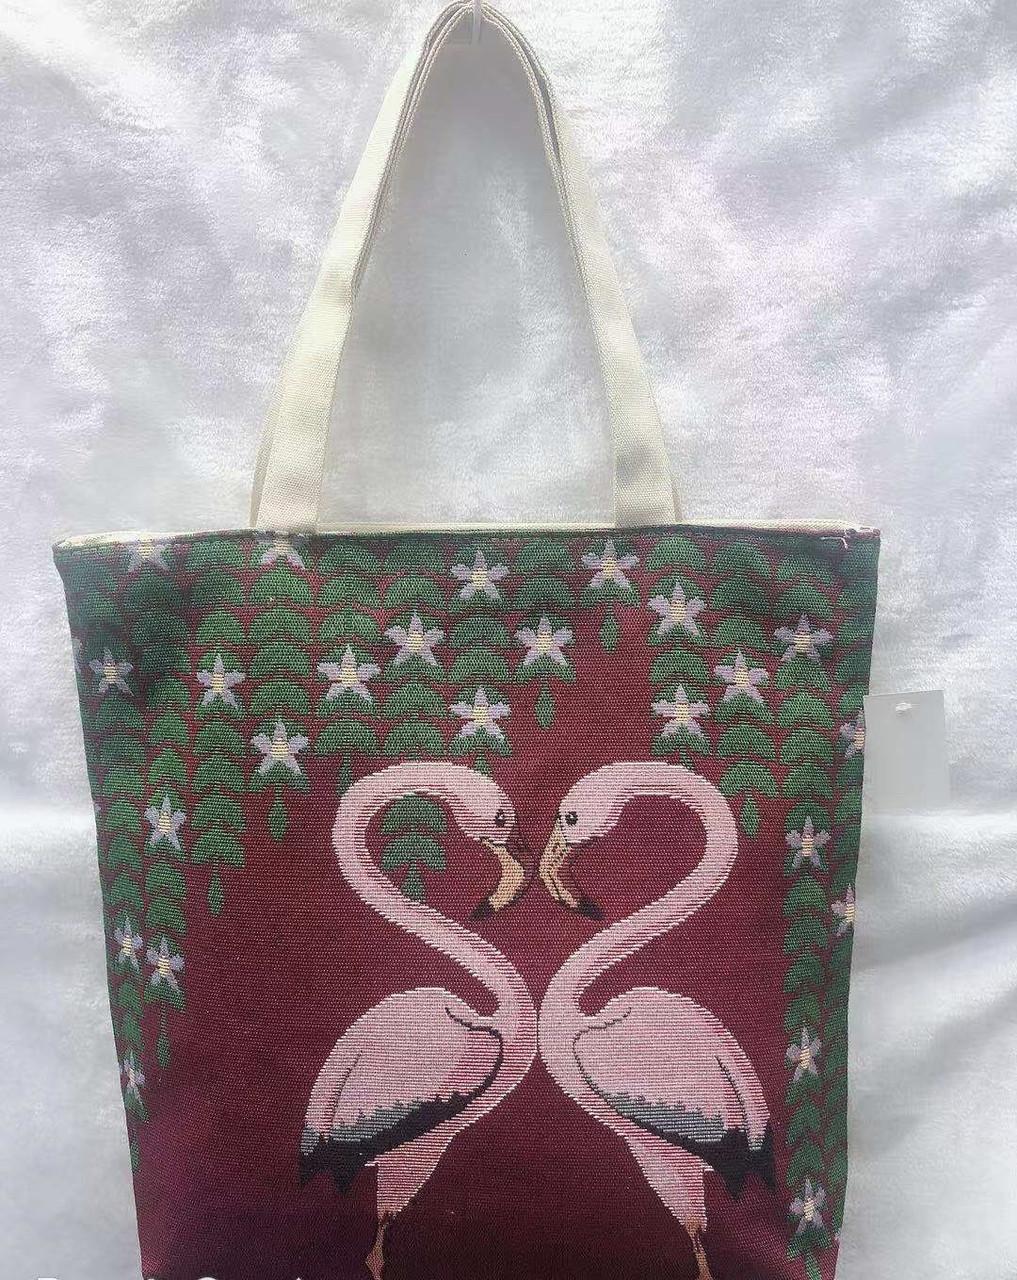 313b6ab4701d Пляжная сумка Влюбленные фламинго, цена 190 грн., купить в Одессе ...